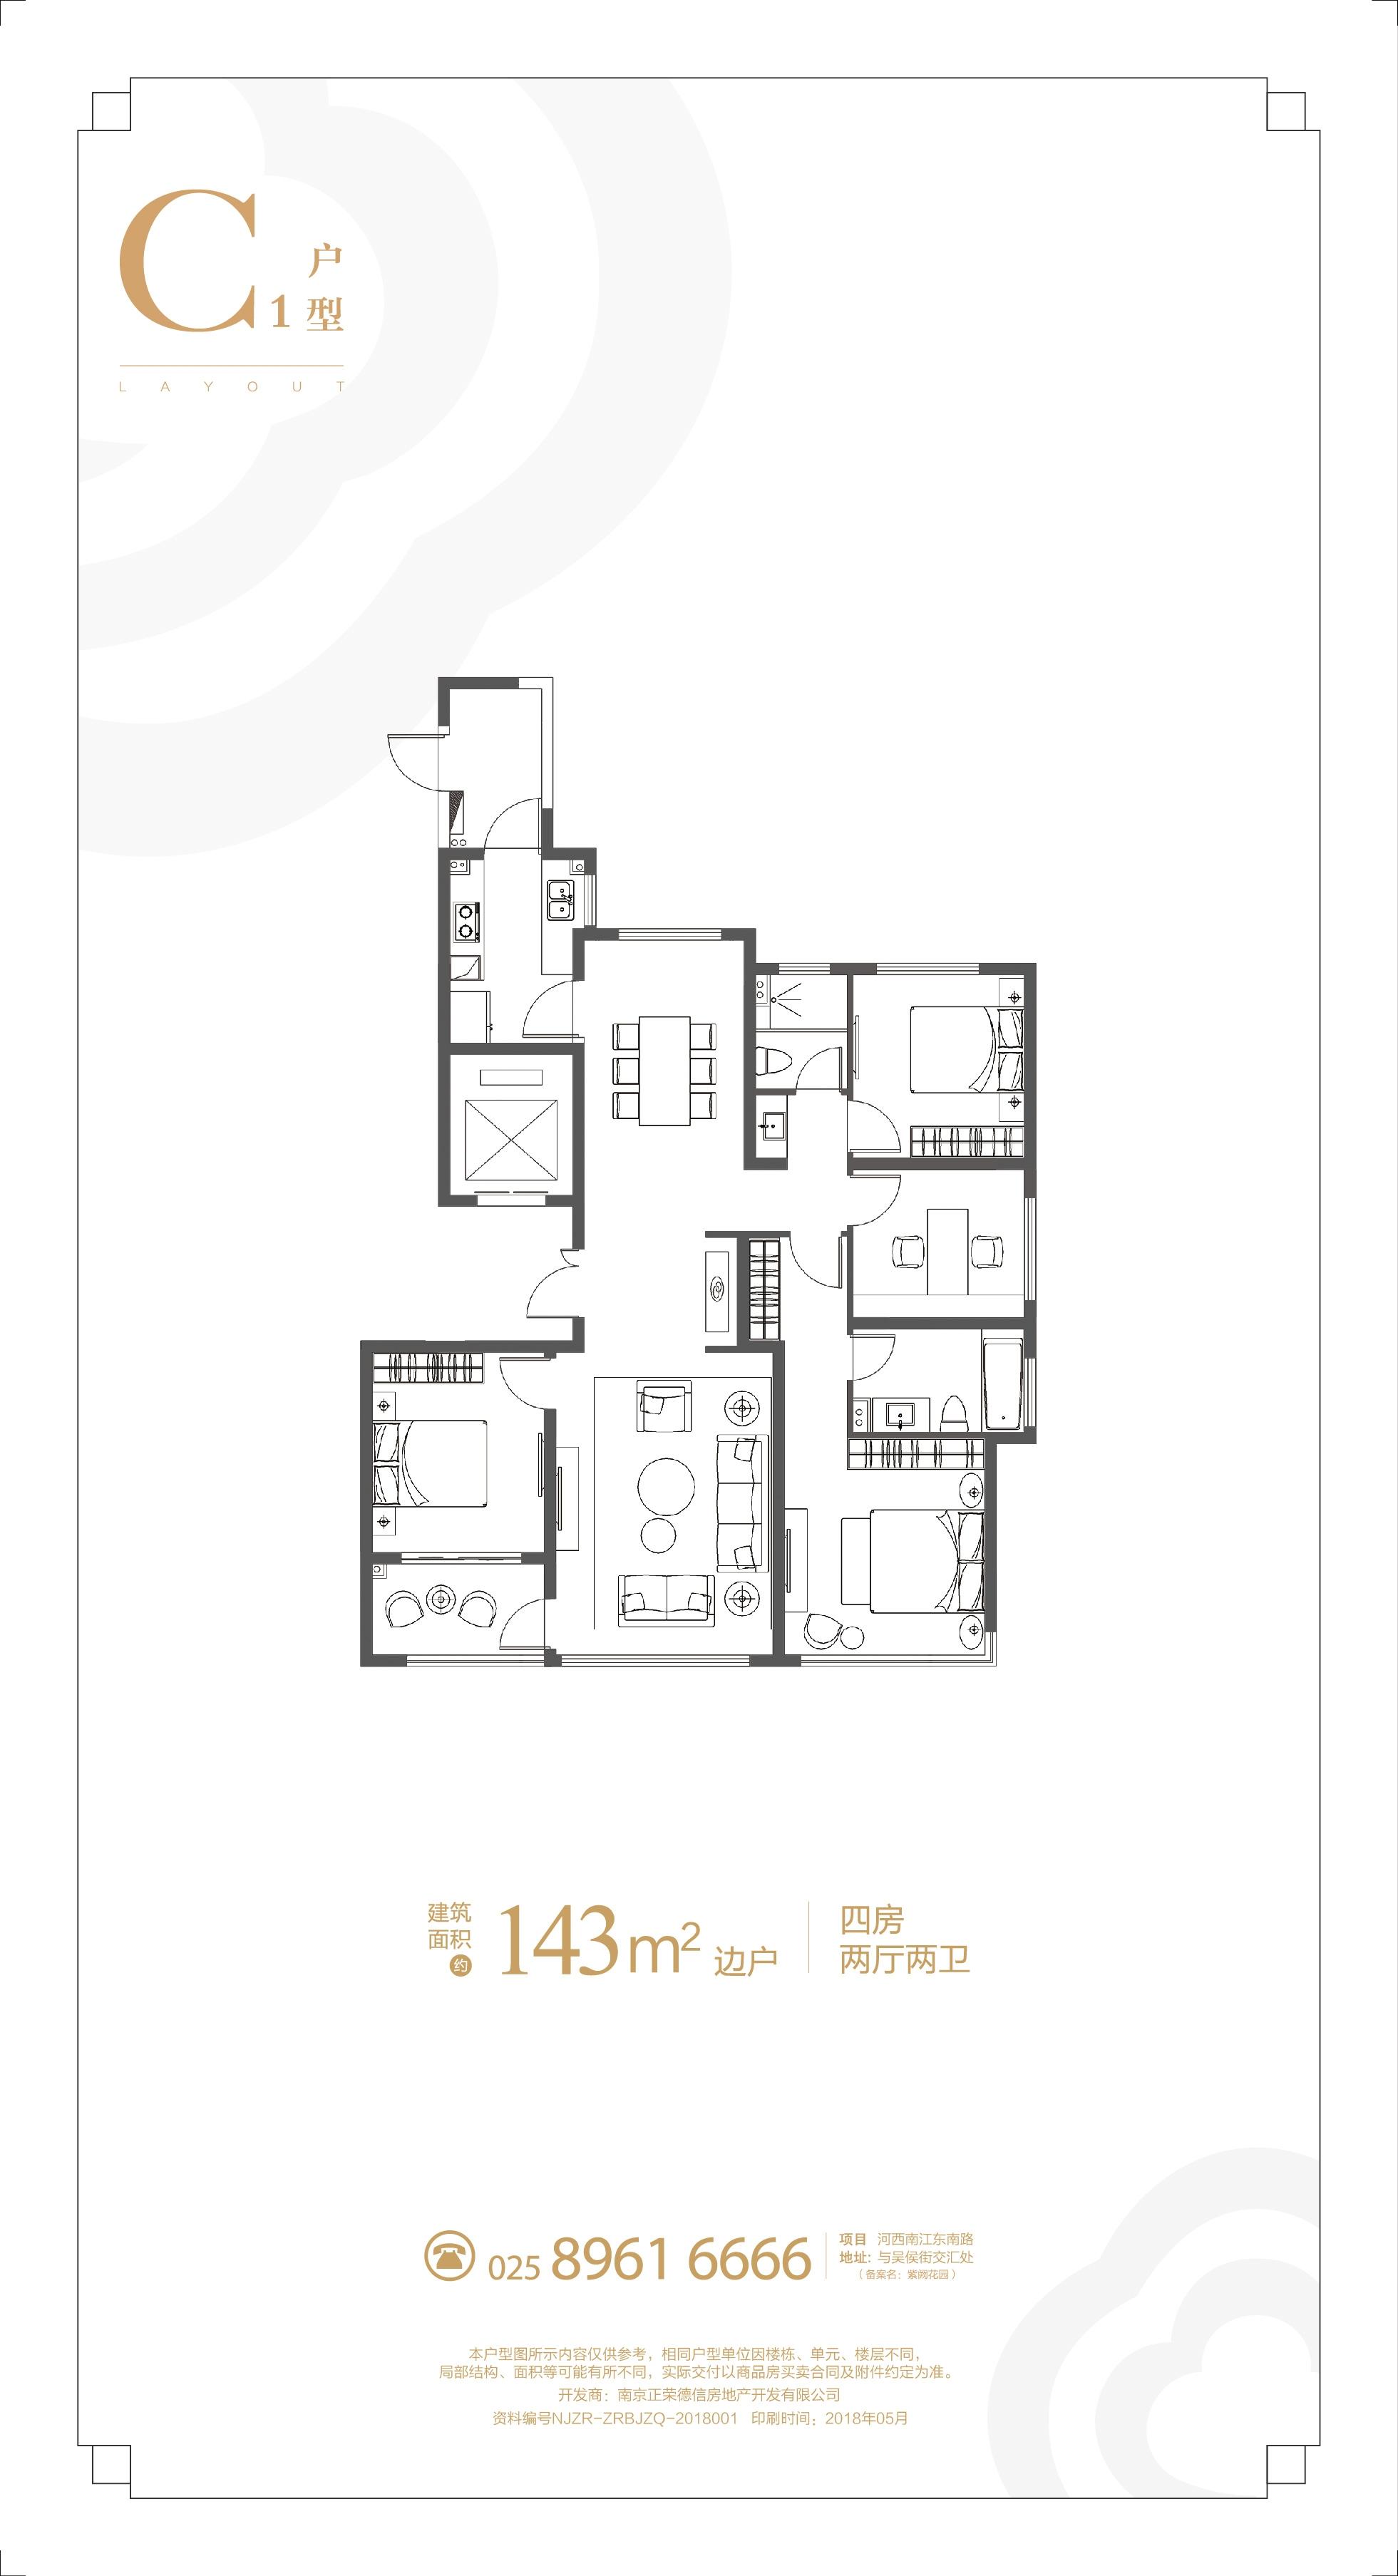 正荣滨江紫阙143㎡四室两厅两卫C1户型